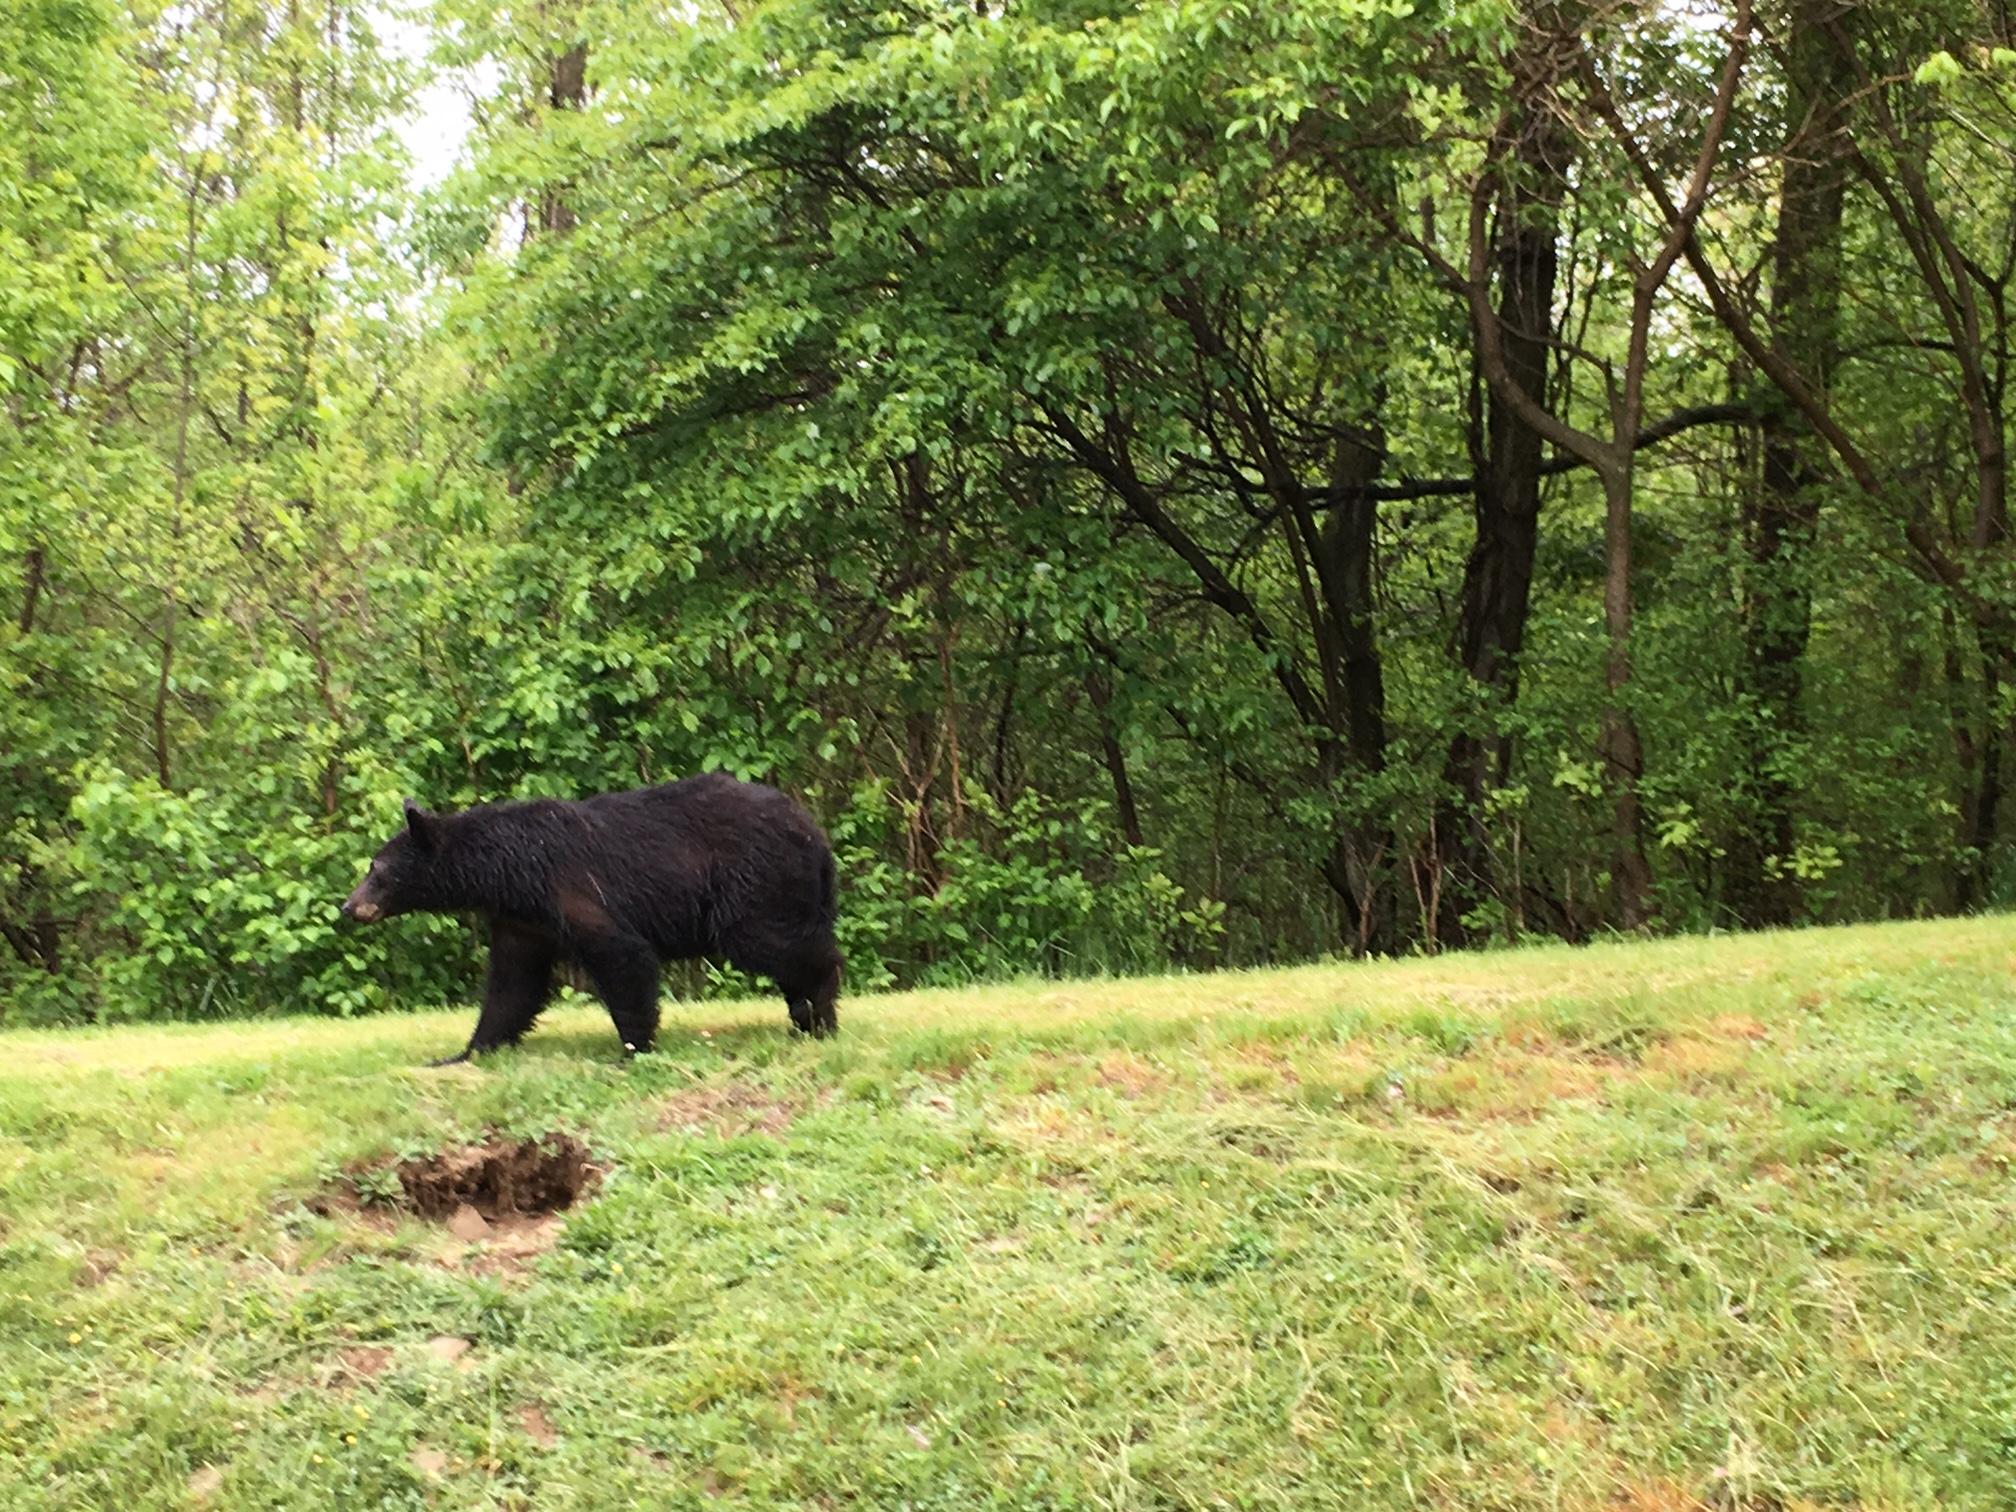 Shenandoah National Park Bear